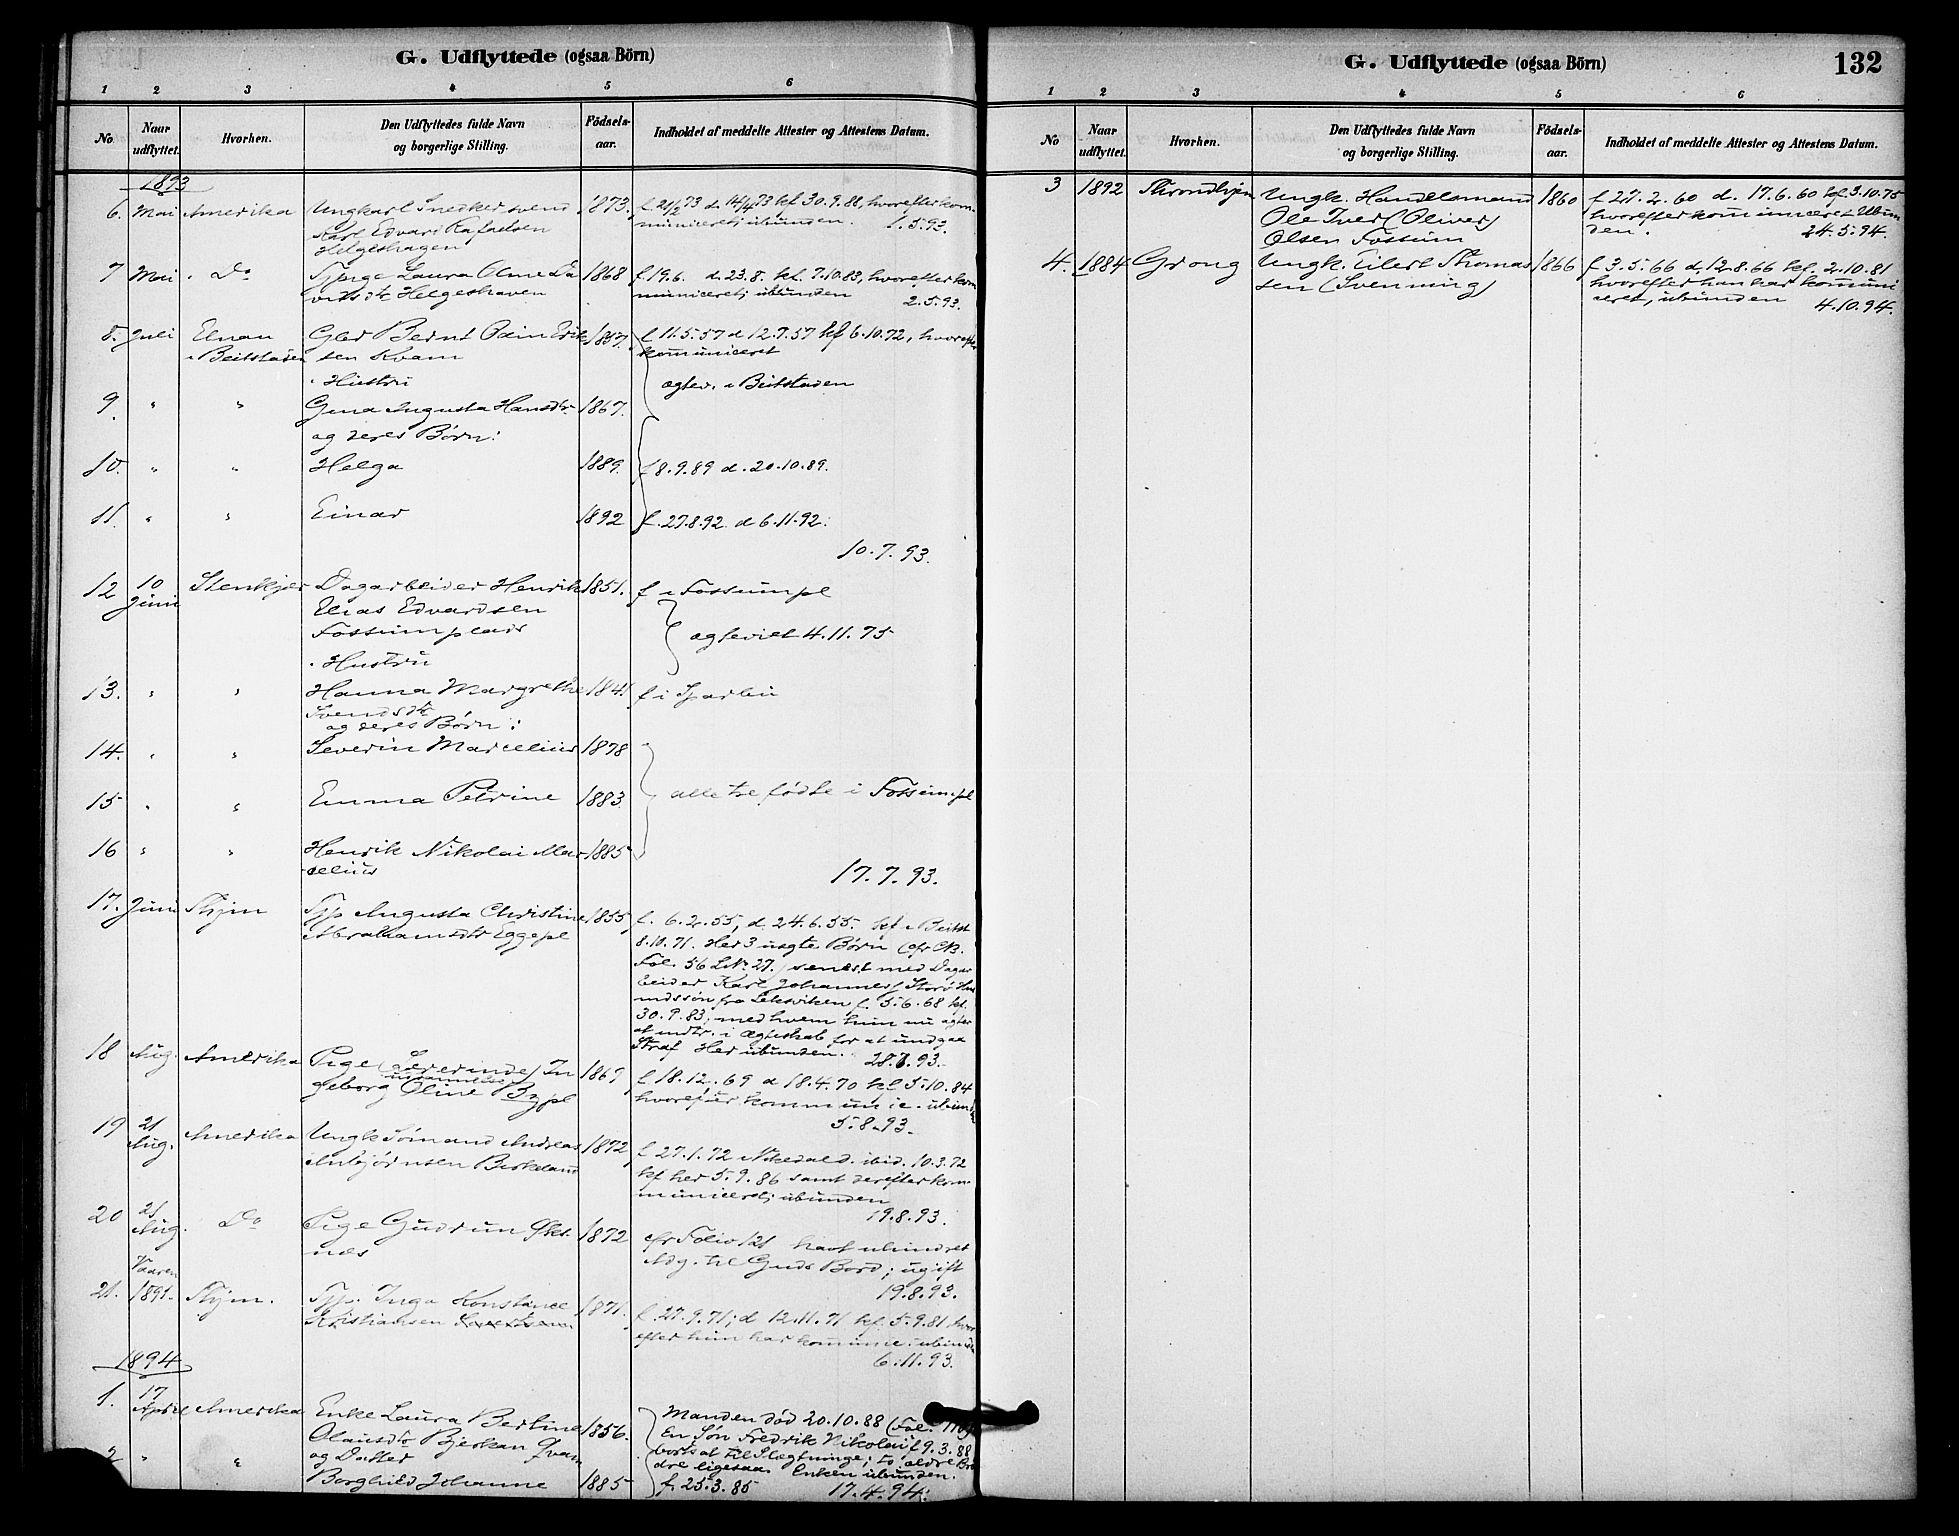 SAT, Ministerialprotokoller, klokkerbøker og fødselsregistre - Nord-Trøndelag, 740/L0378: Ministerialbok nr. 740A01, 1881-1895, s. 132